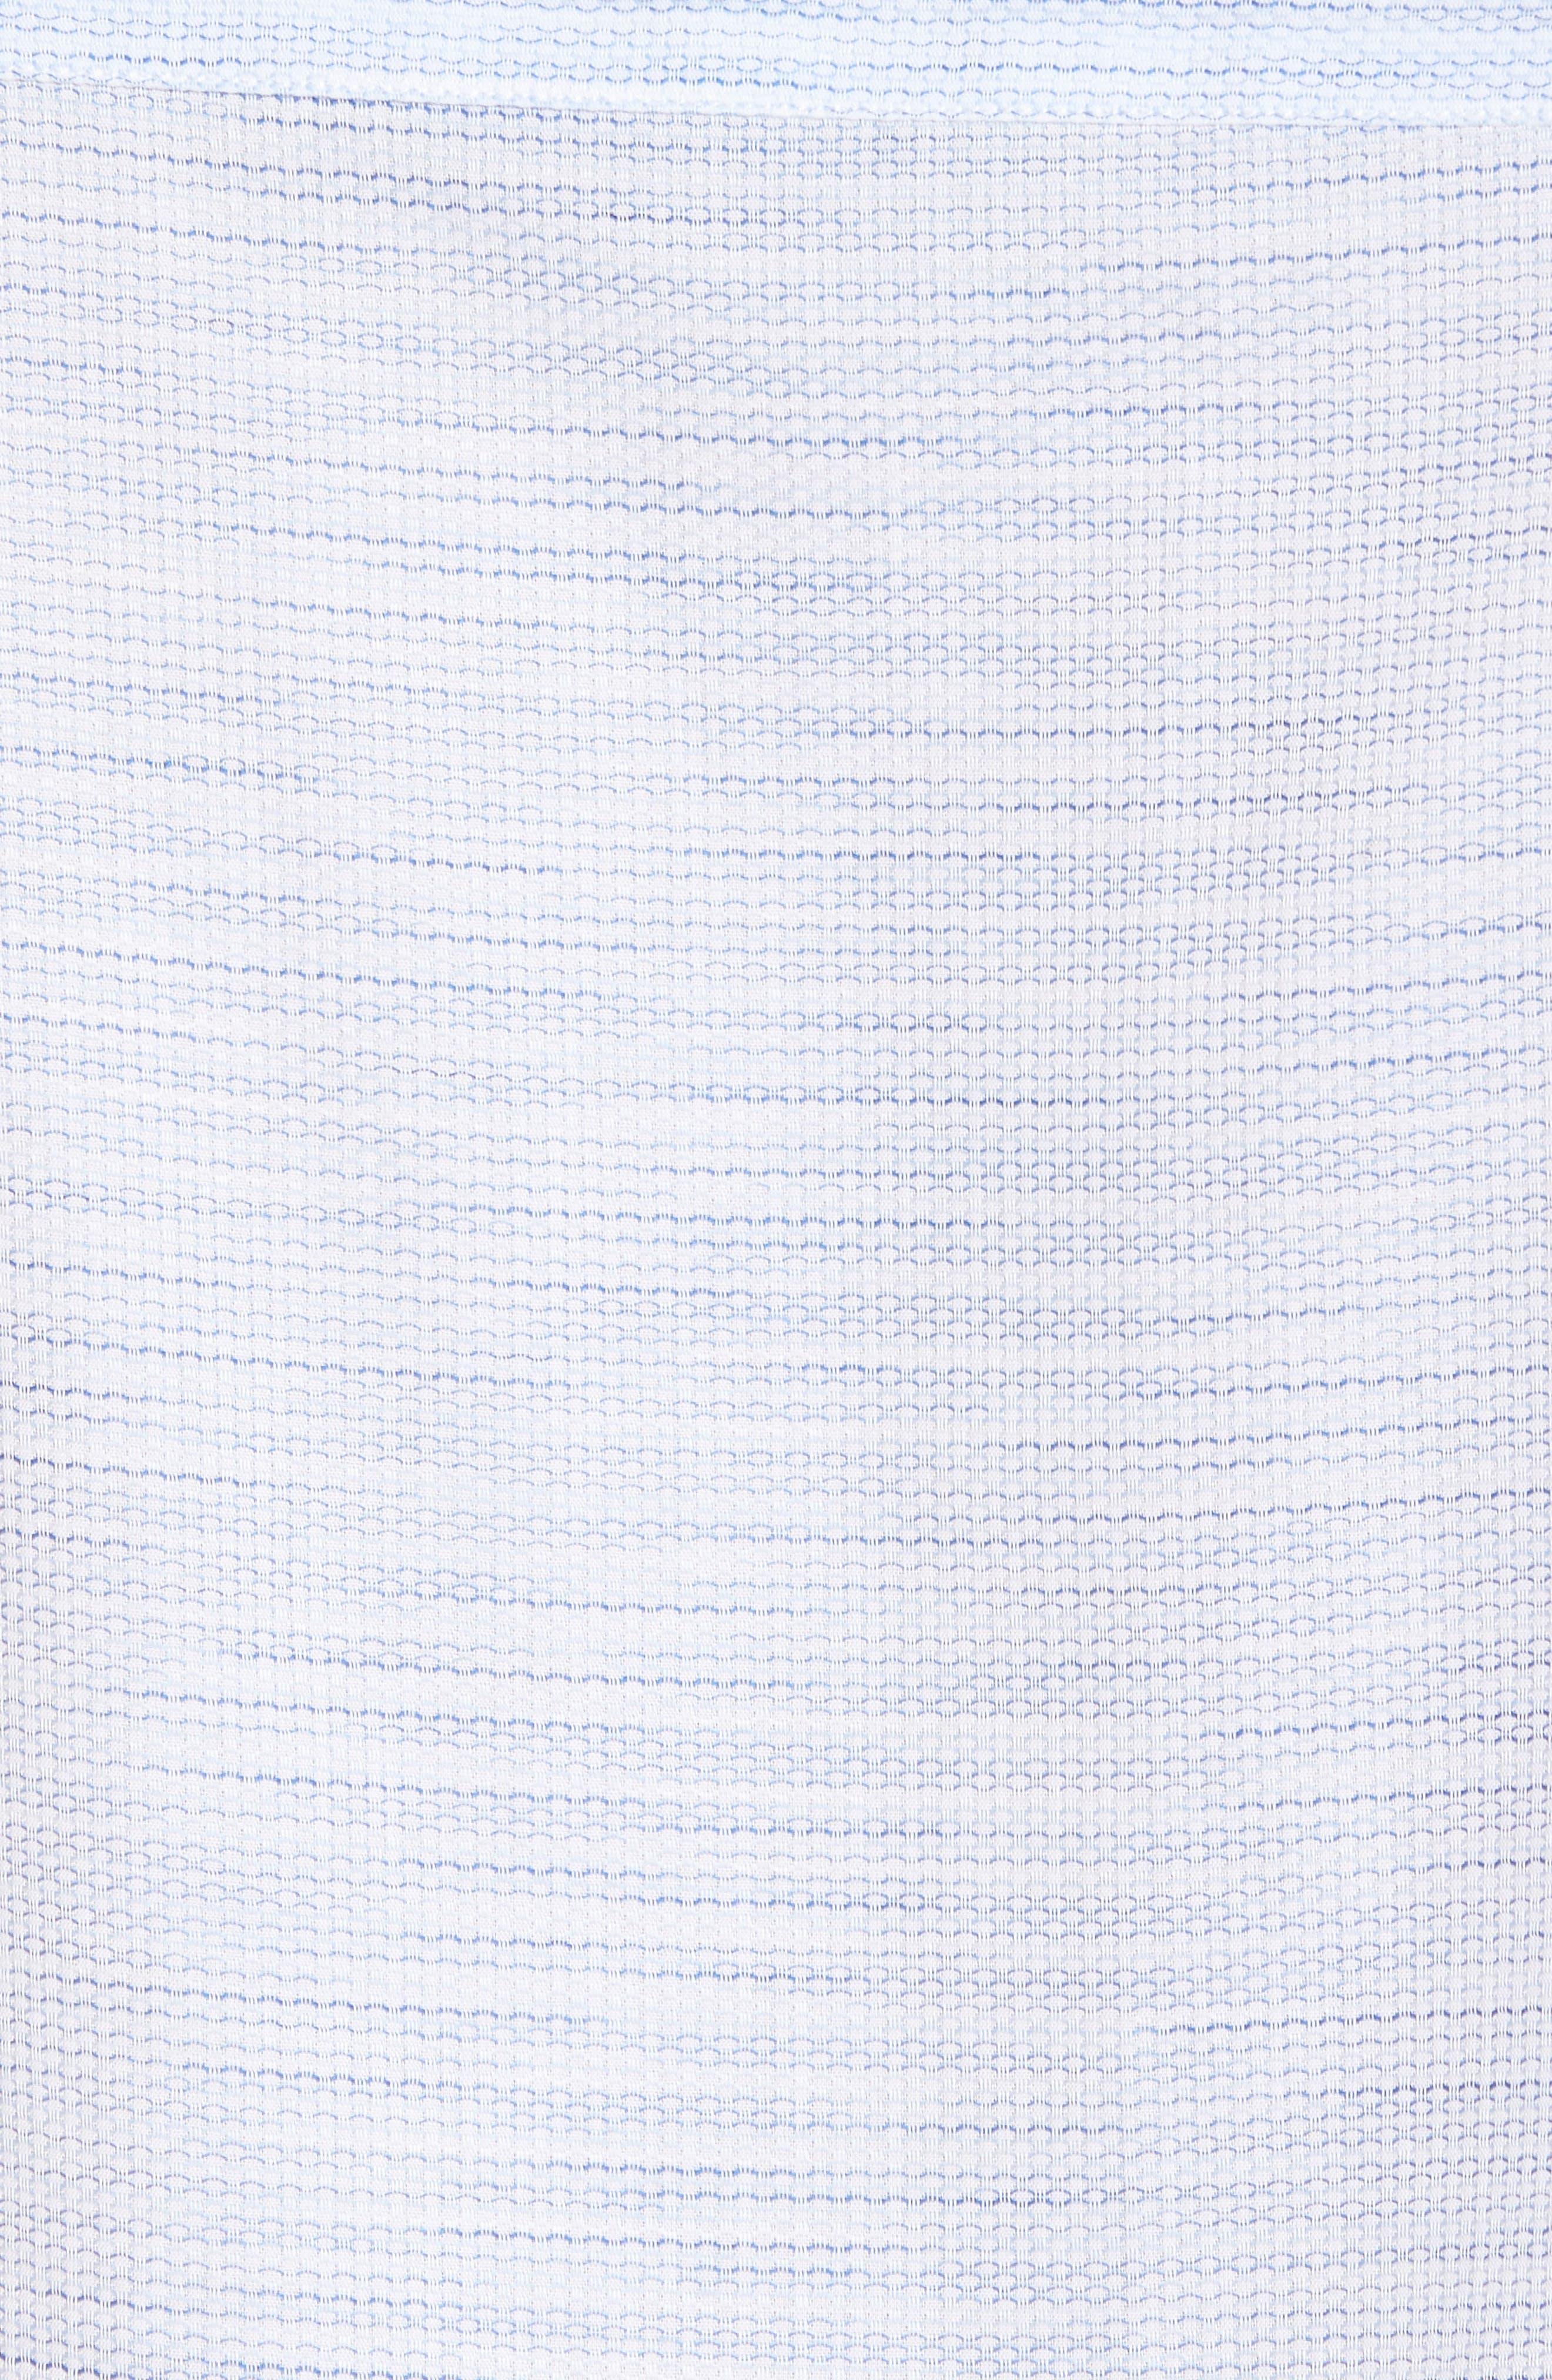 Slim Fit Stripe Short Sleeve Sport Shirt,                             Alternate thumbnail 5, color,                             Light/ Pastel Blue Dobby